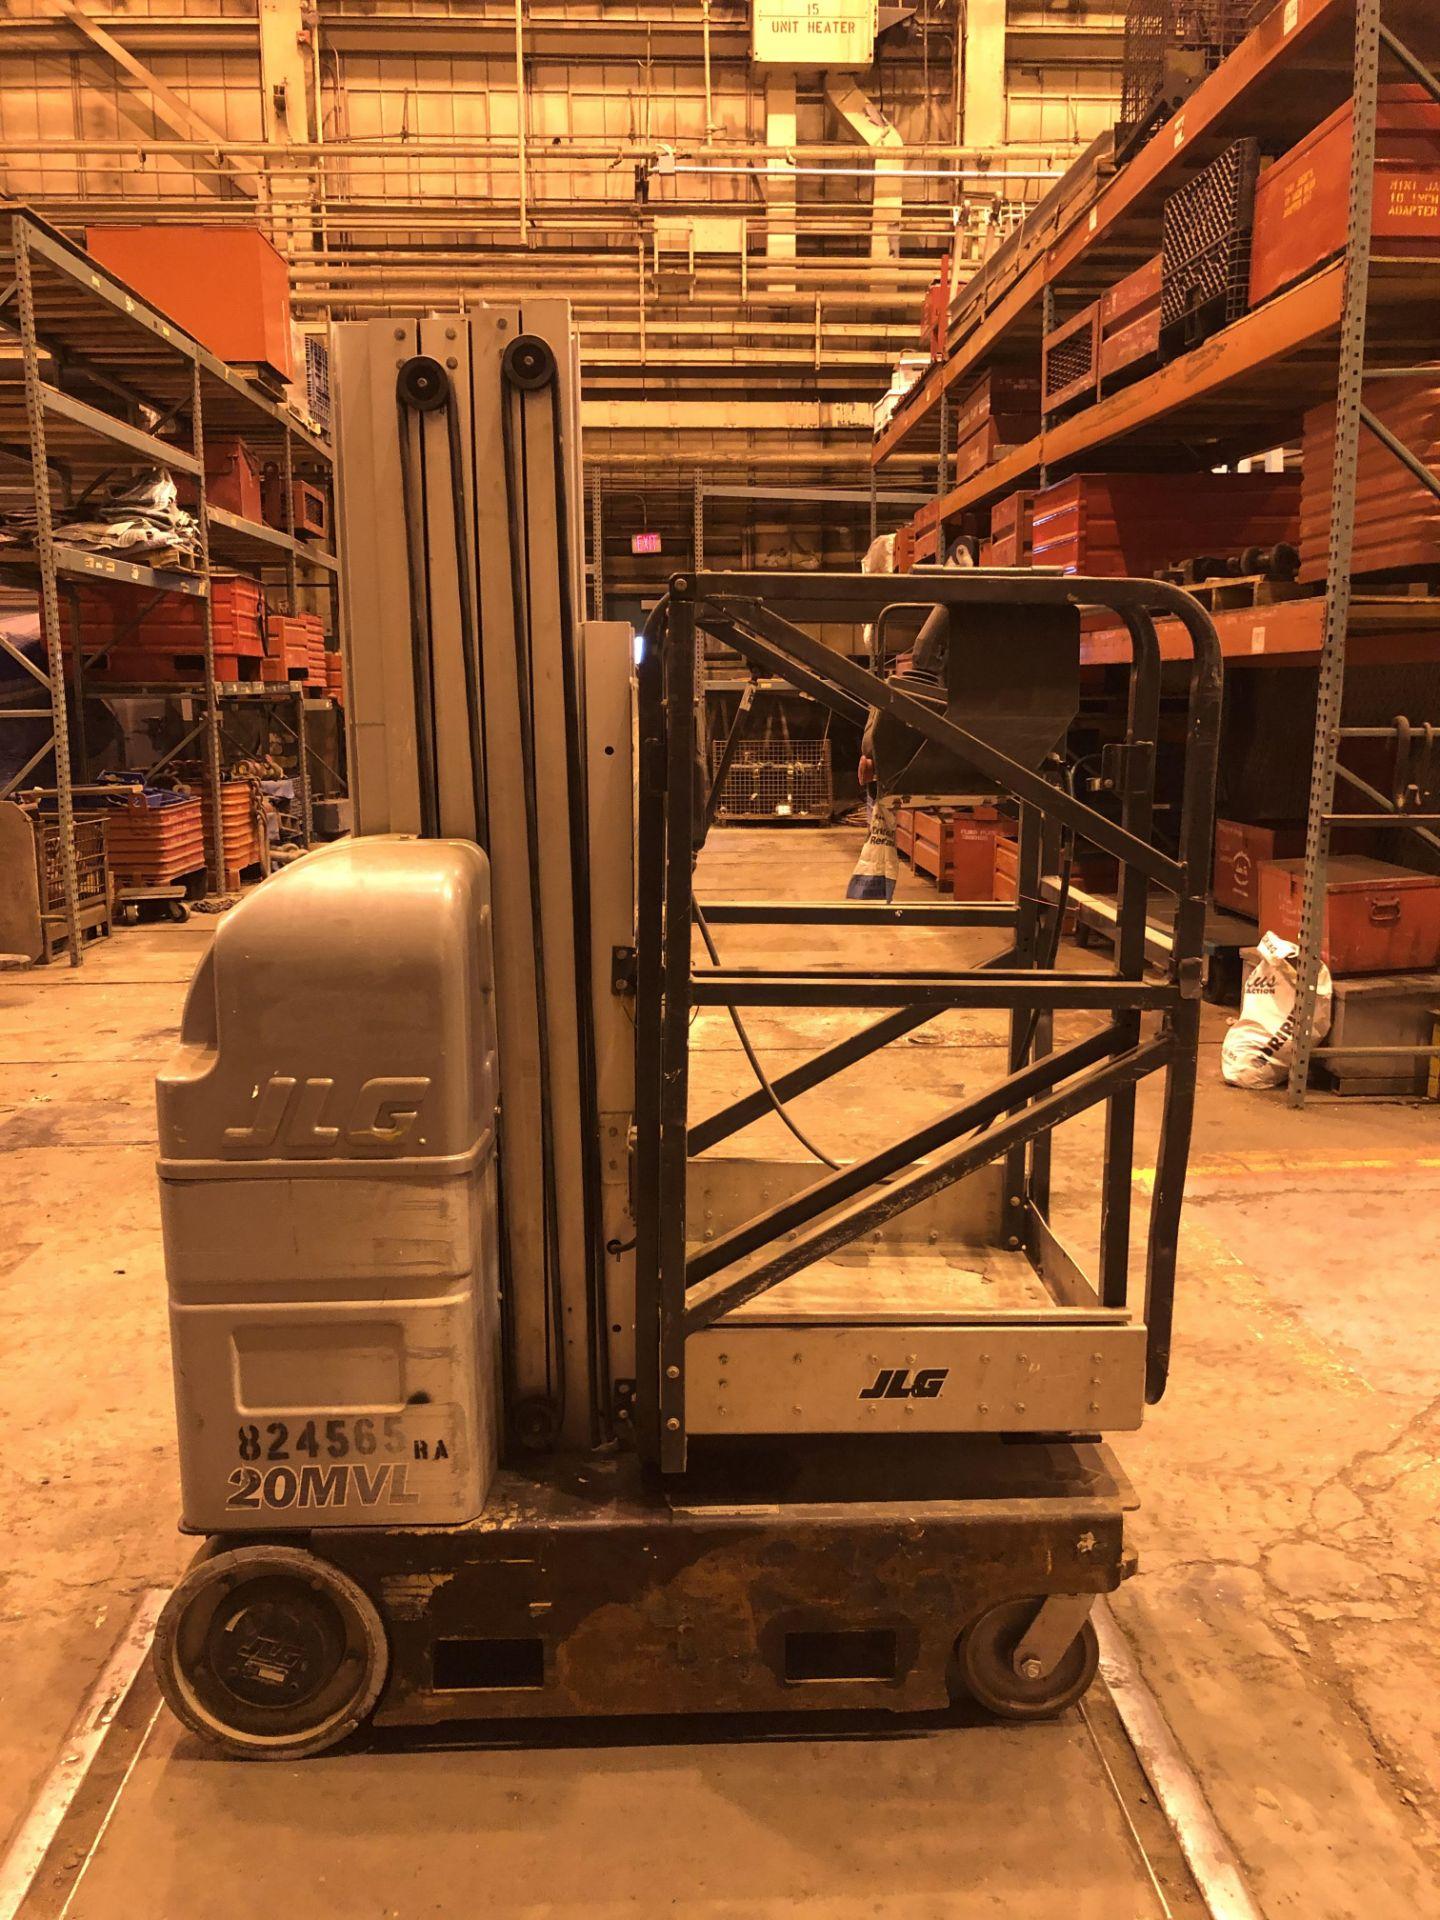 Lot 12 - JLG 20MVL Personal Lift